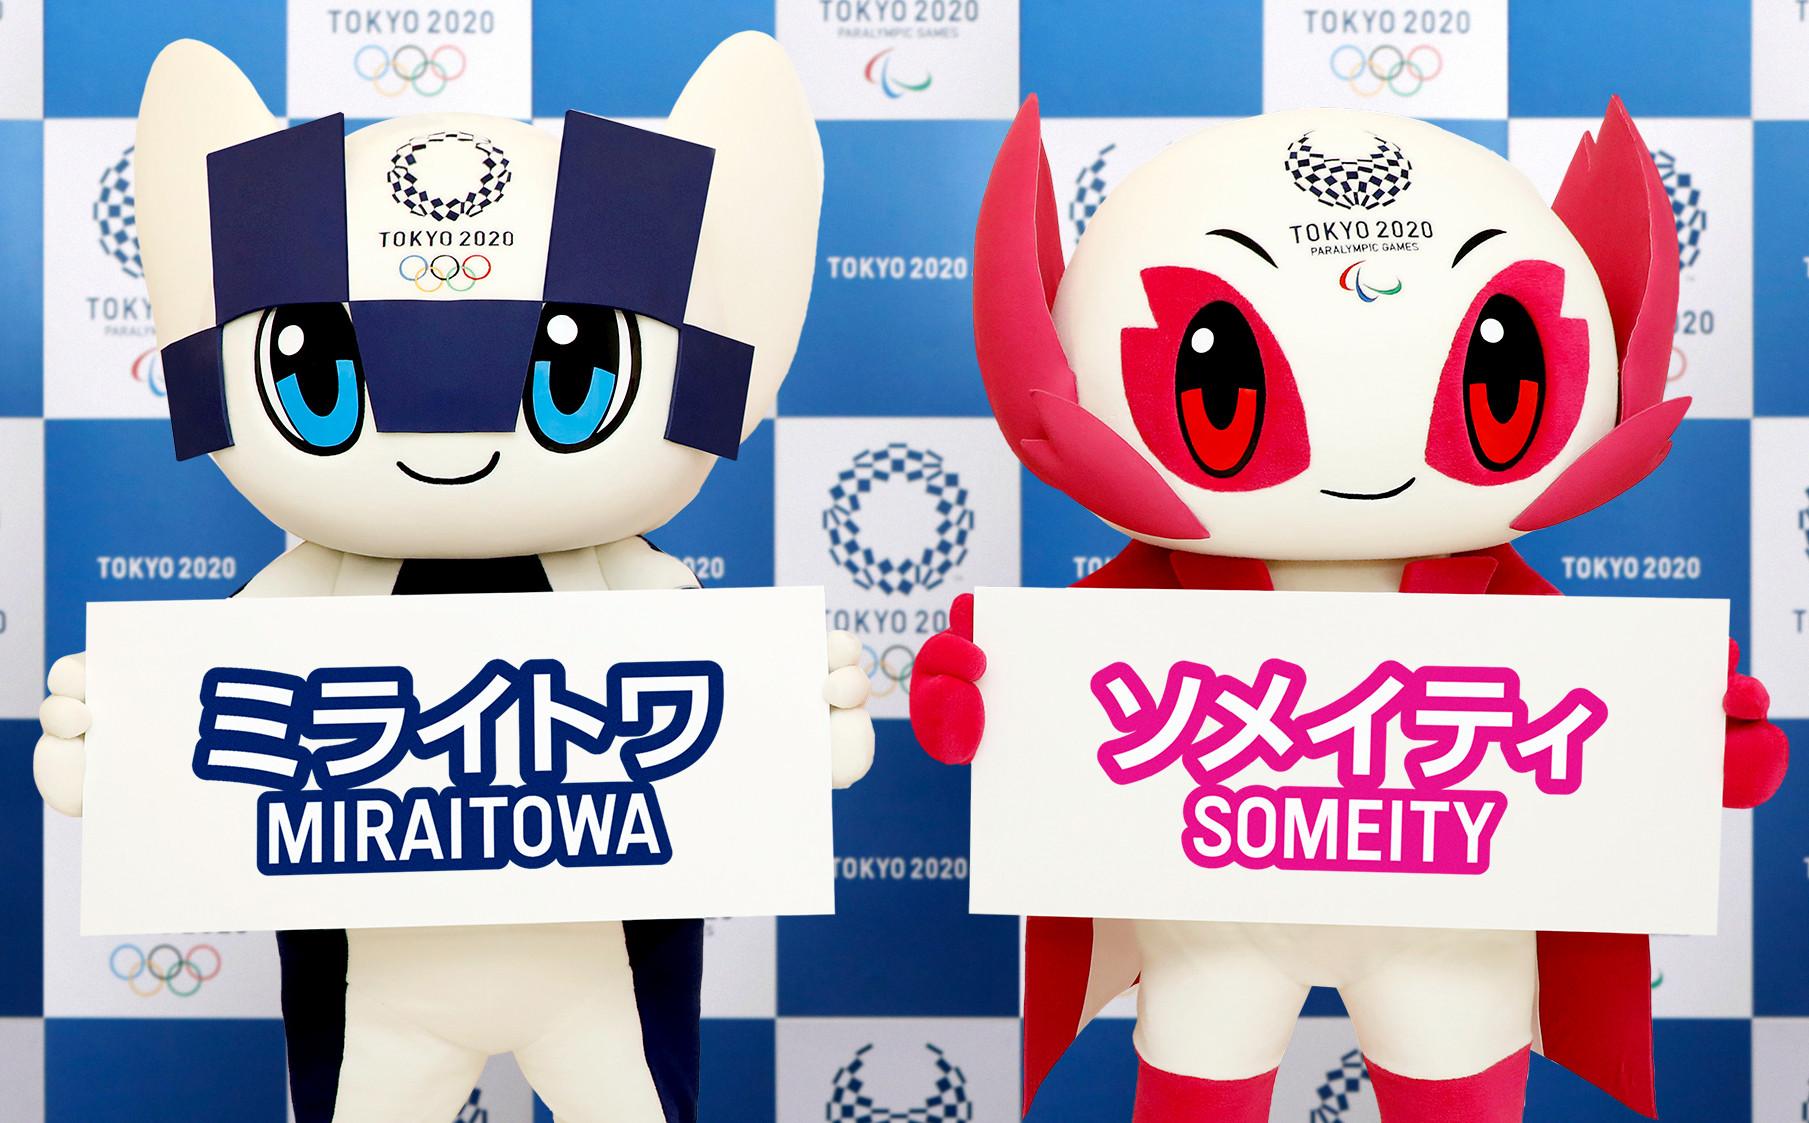 2020年東京オリンピック・パラリンピックの公式マスコットキャラクターの名前が「ミライトワ」「ソメイティ」に決定